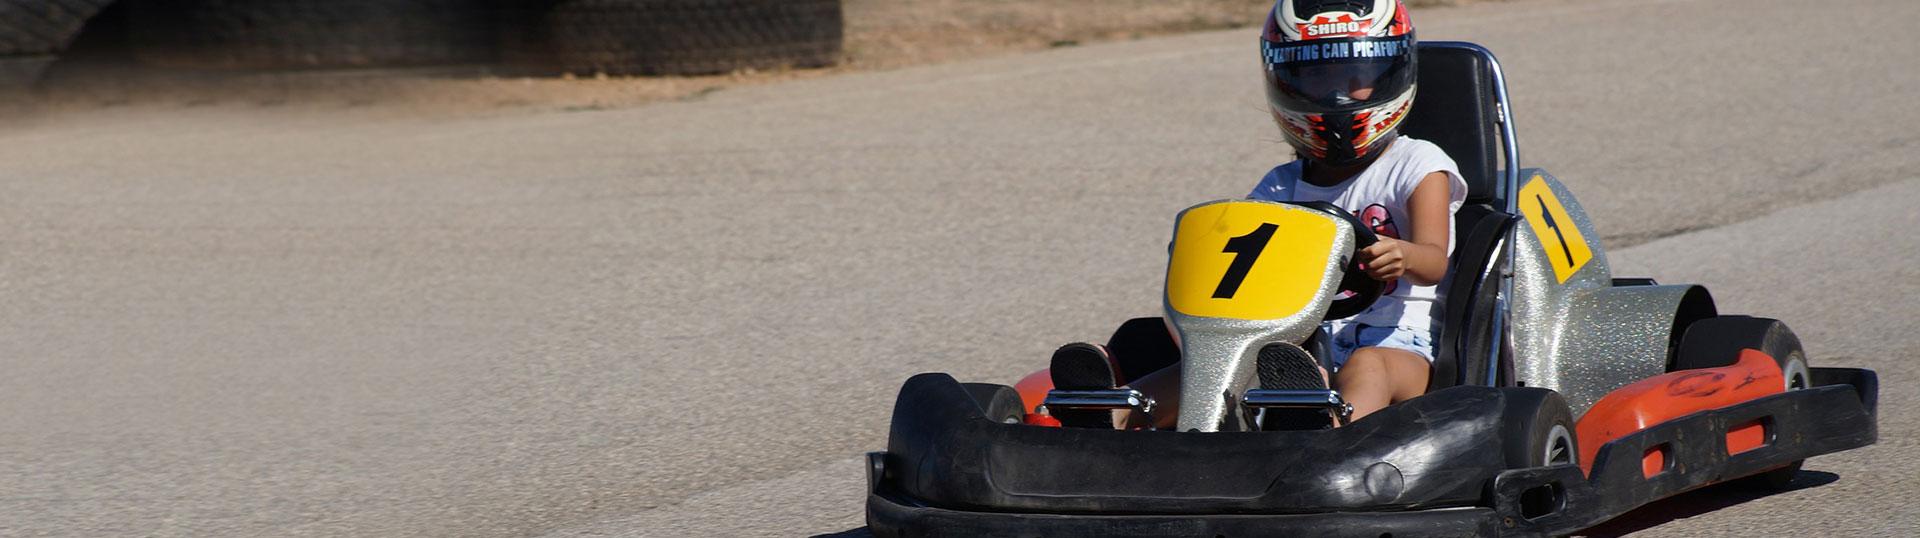 PSV Essen Motorsport